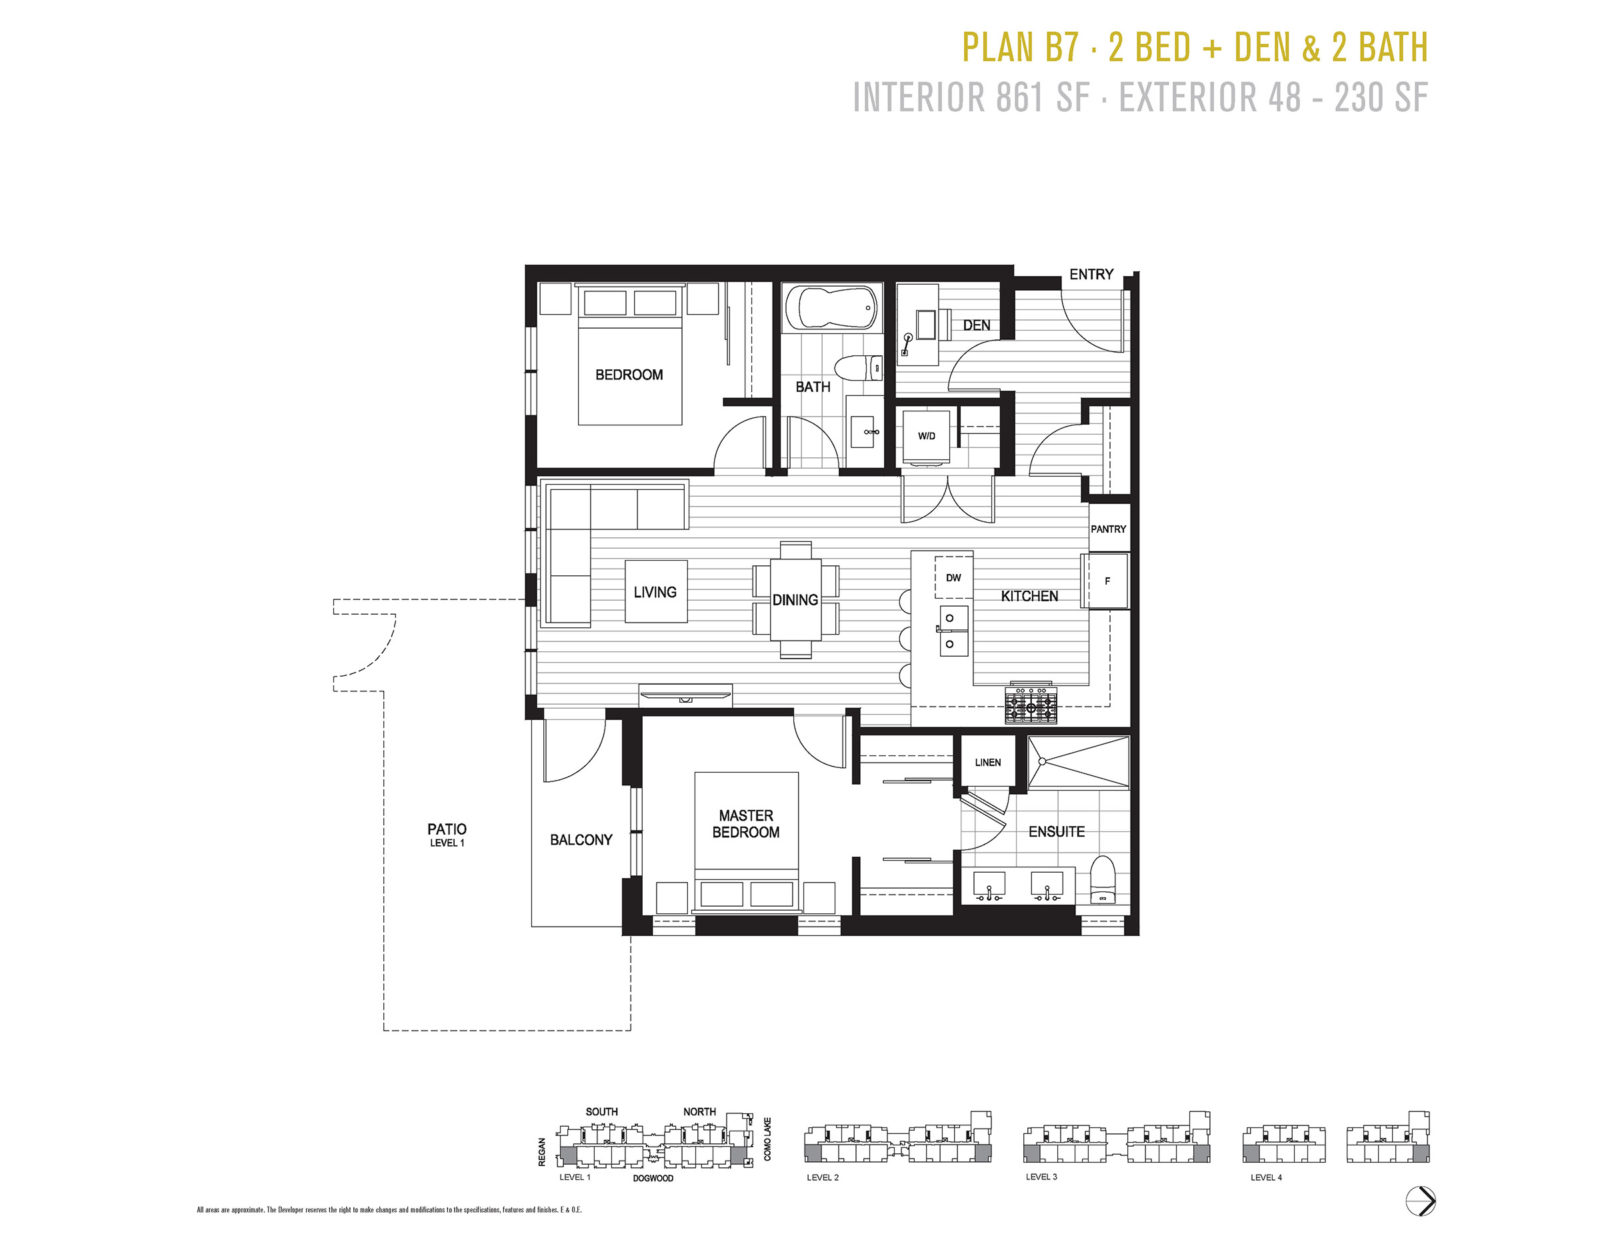 Plan B7